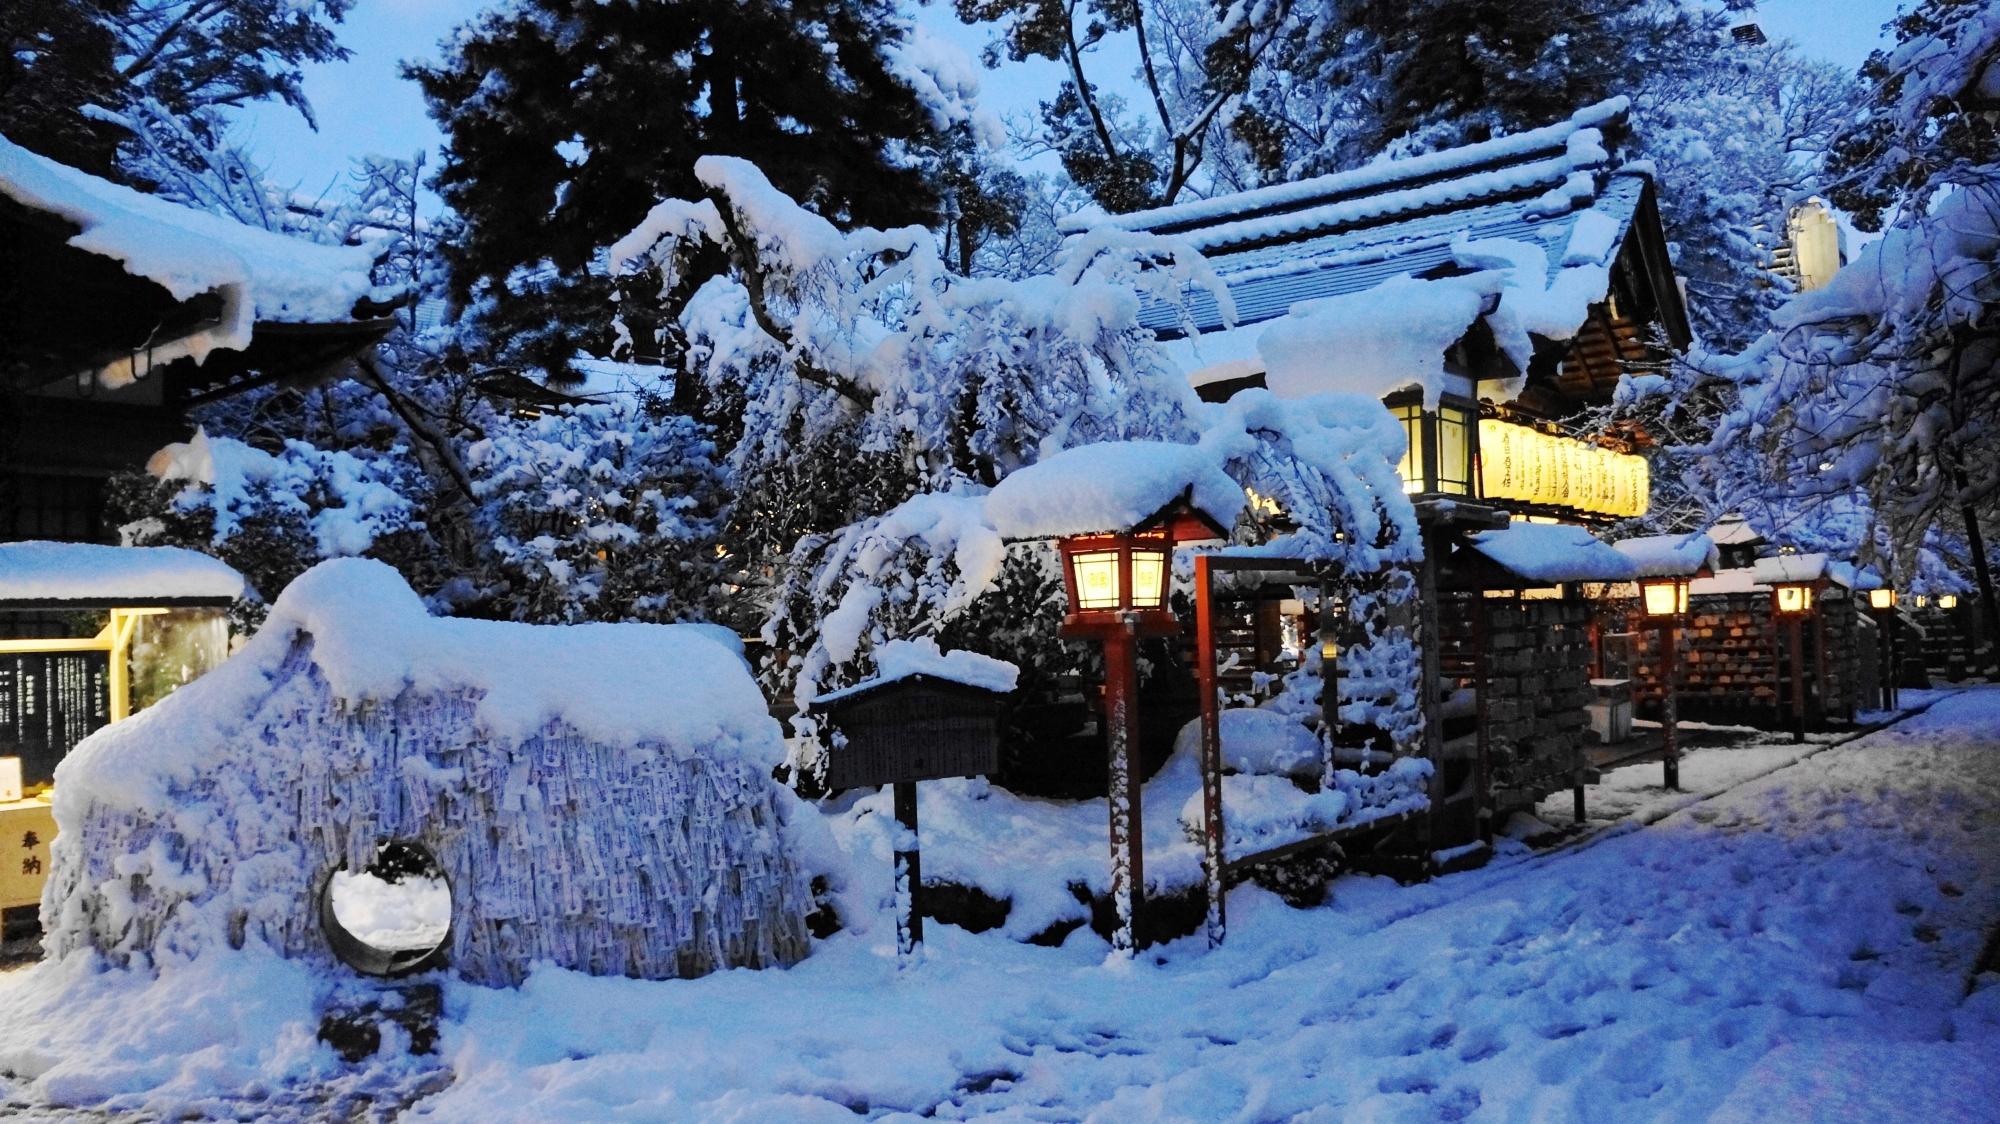 安井金比羅宮の素晴らしい雪景色